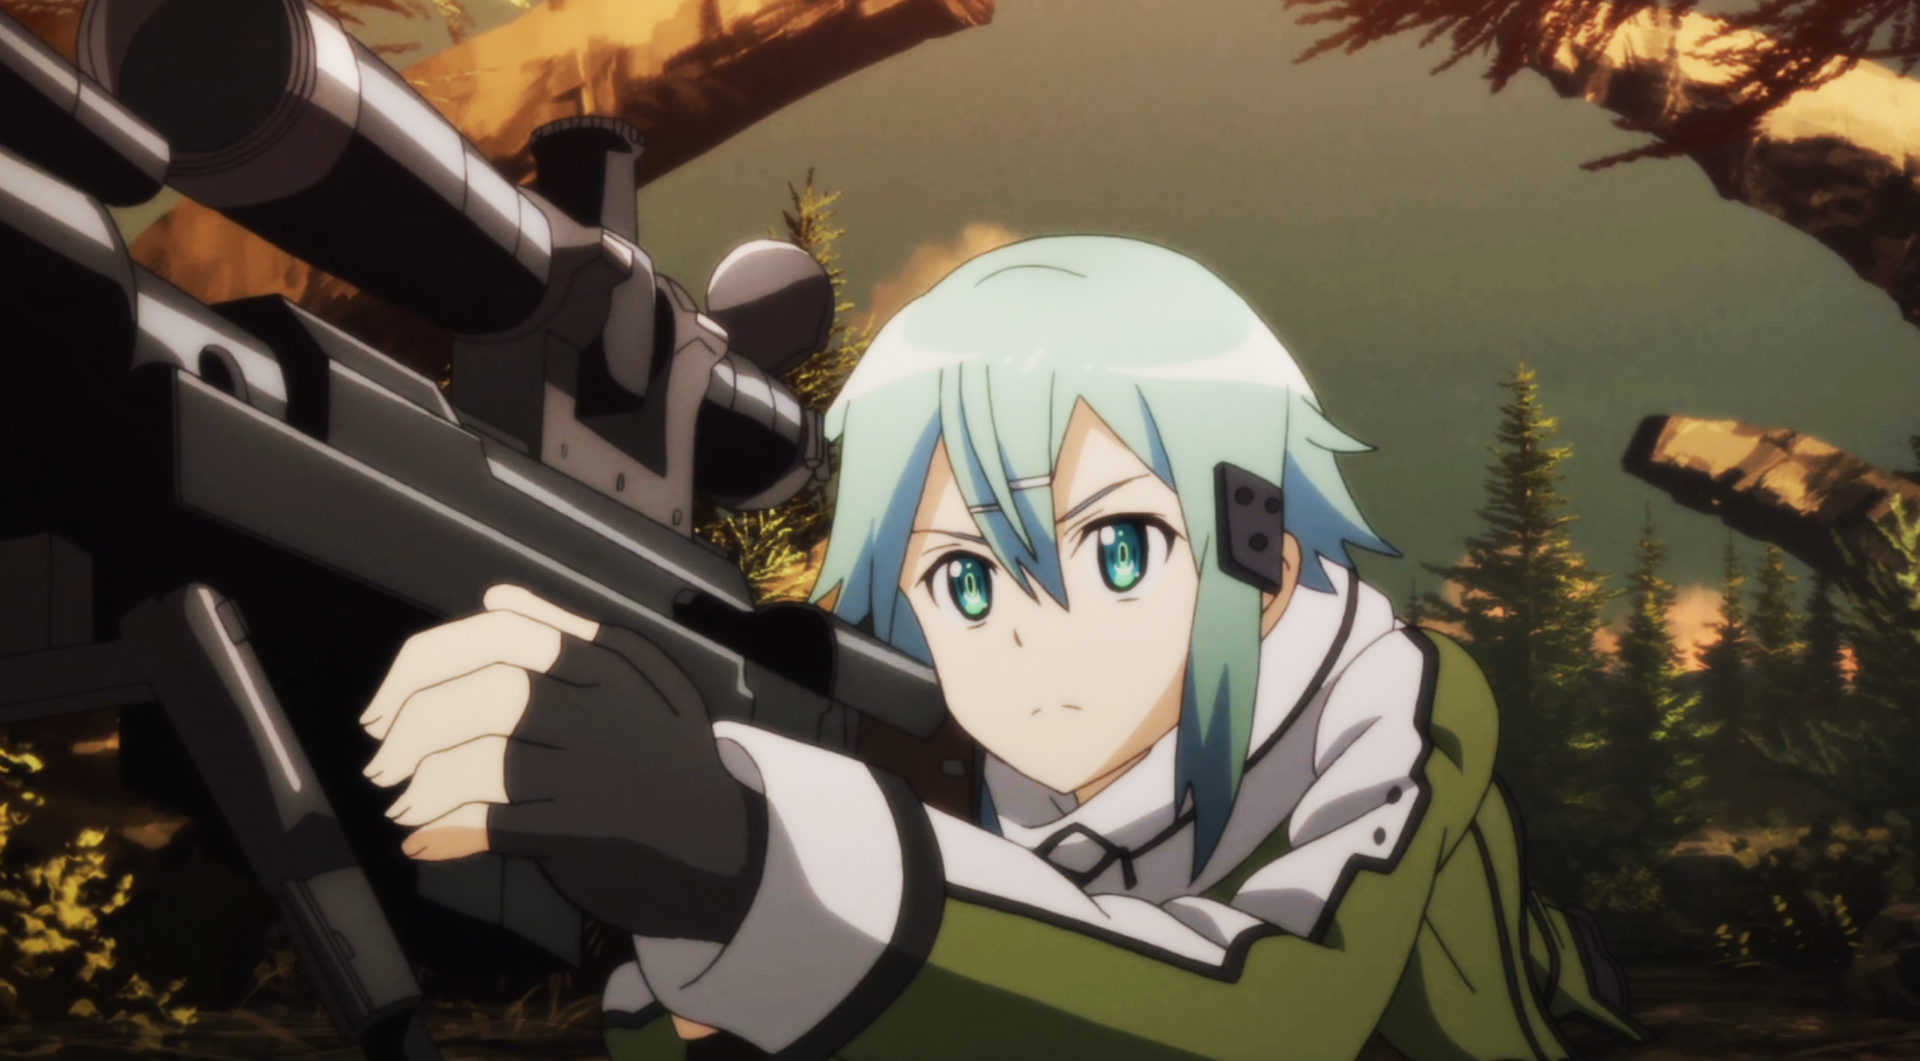 Screenshot of Sword Art Online character Sinon.